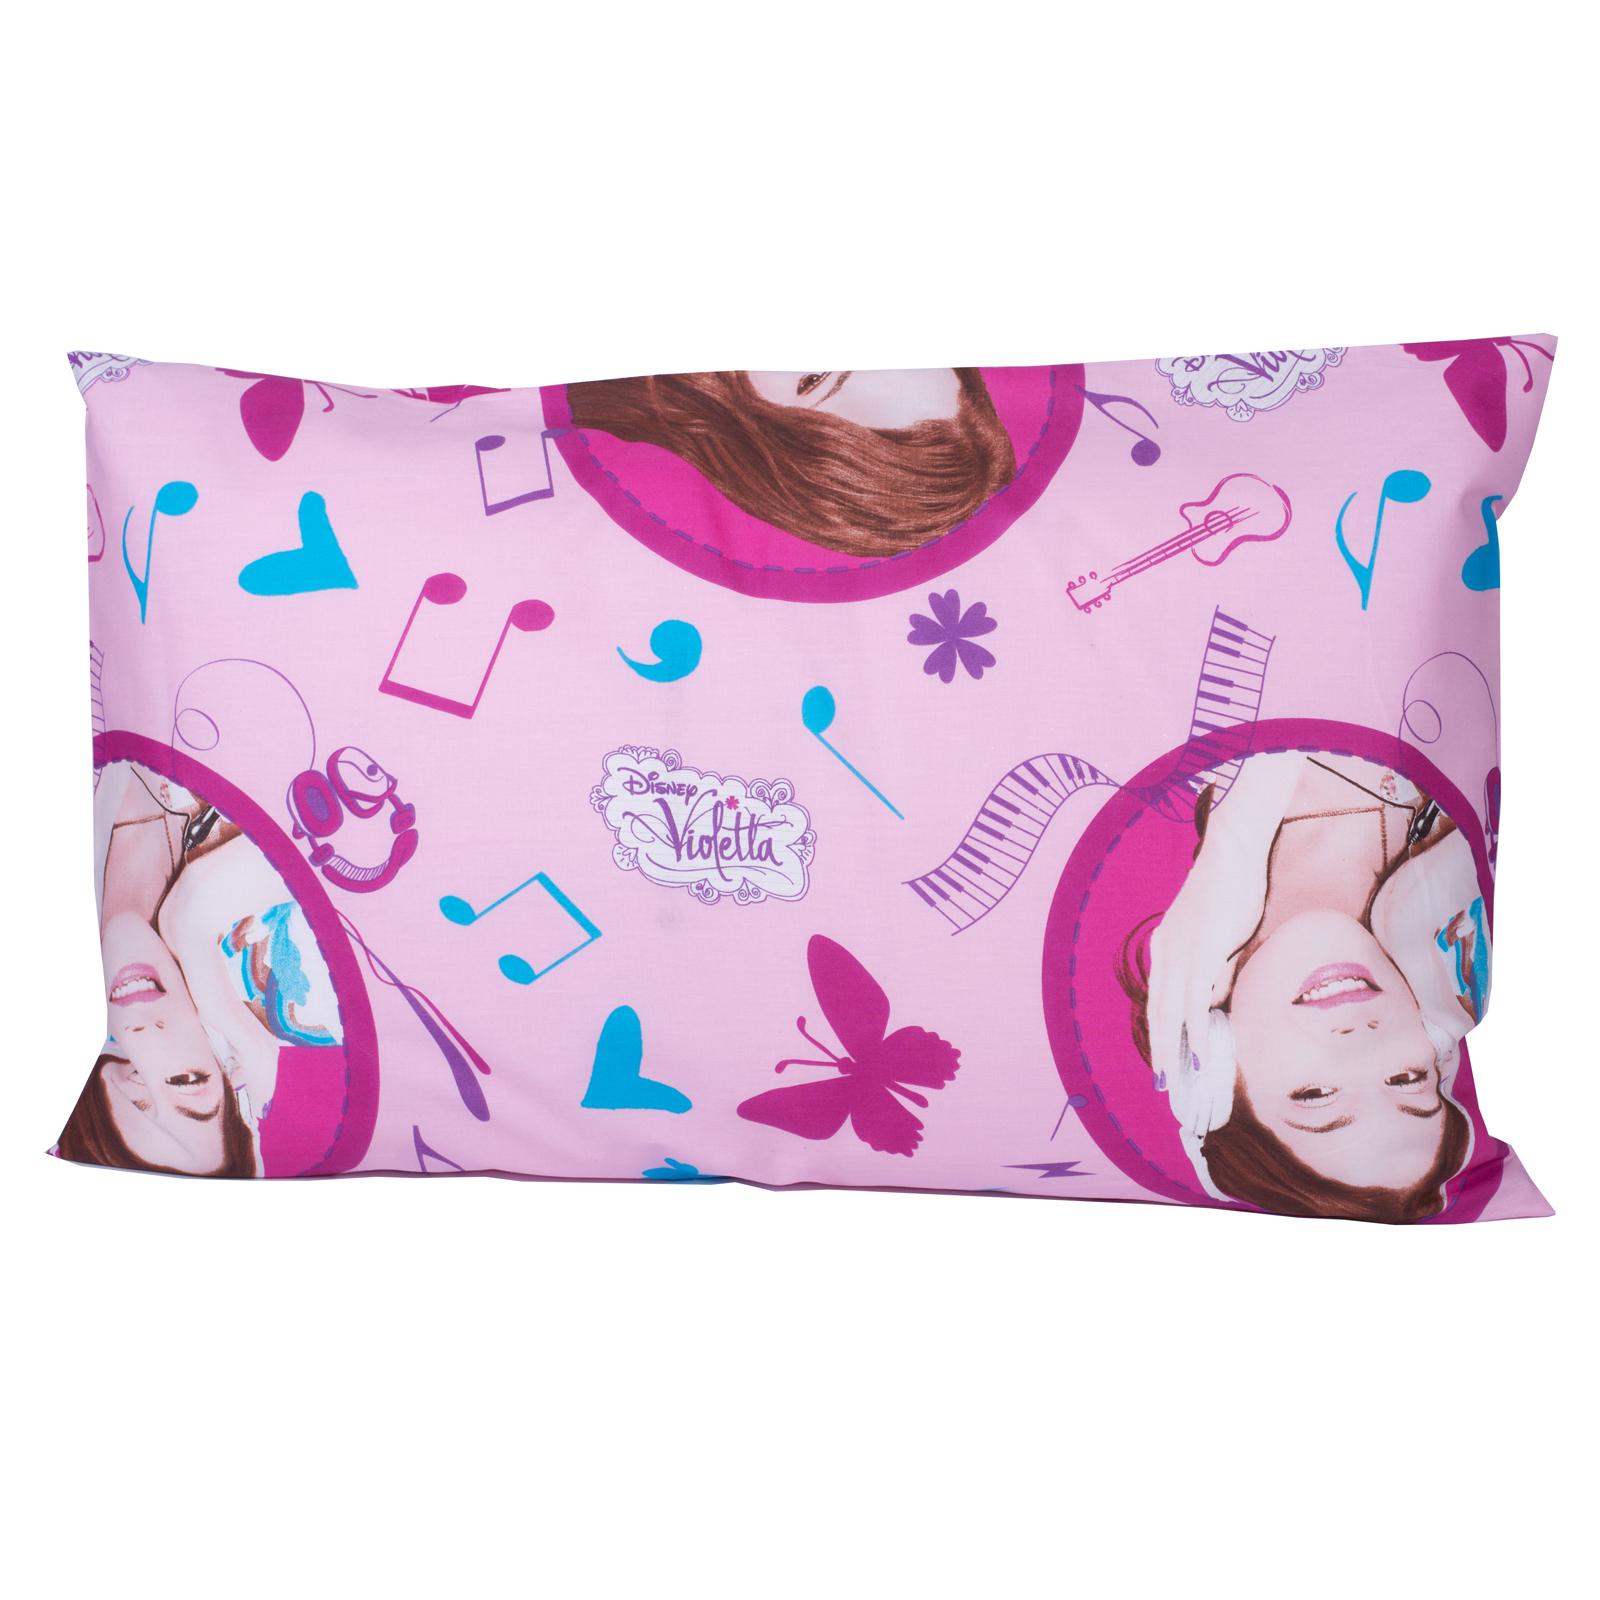 Completo lenzuola disney violetta cose di casa un mondo - Cose di casa mondovi ...